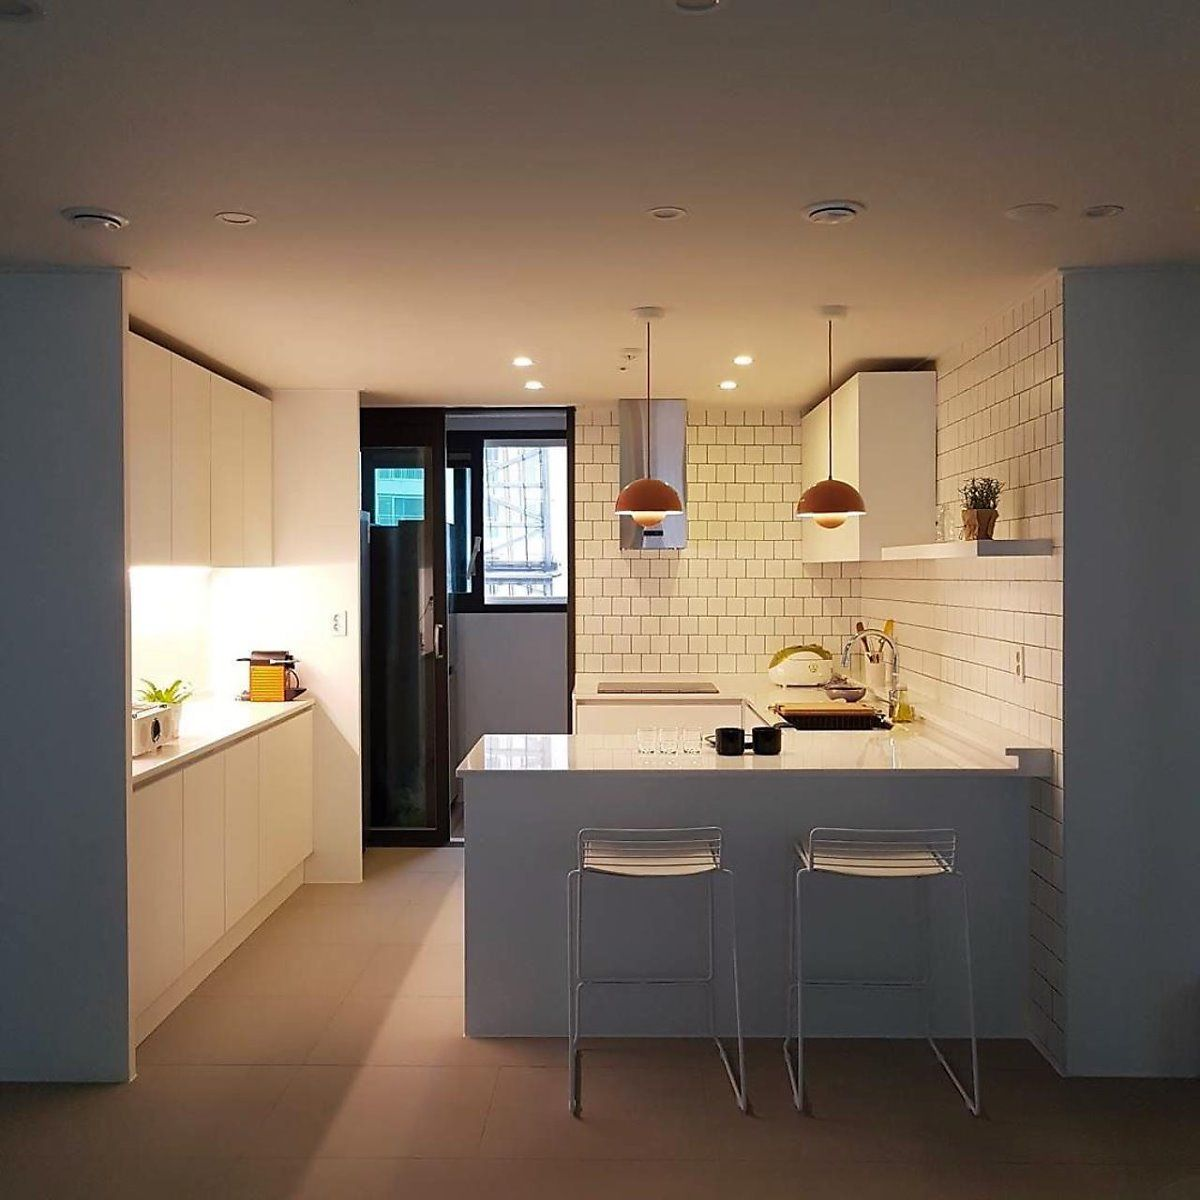 By 꿀하우스 꿀하우스에서 소개하는 인테리어 중 가장 많은 분야를 차지하는 공간이 주방 거실 침실 부엌 인테리어 디자인 부엌 디자인 부엌 구조